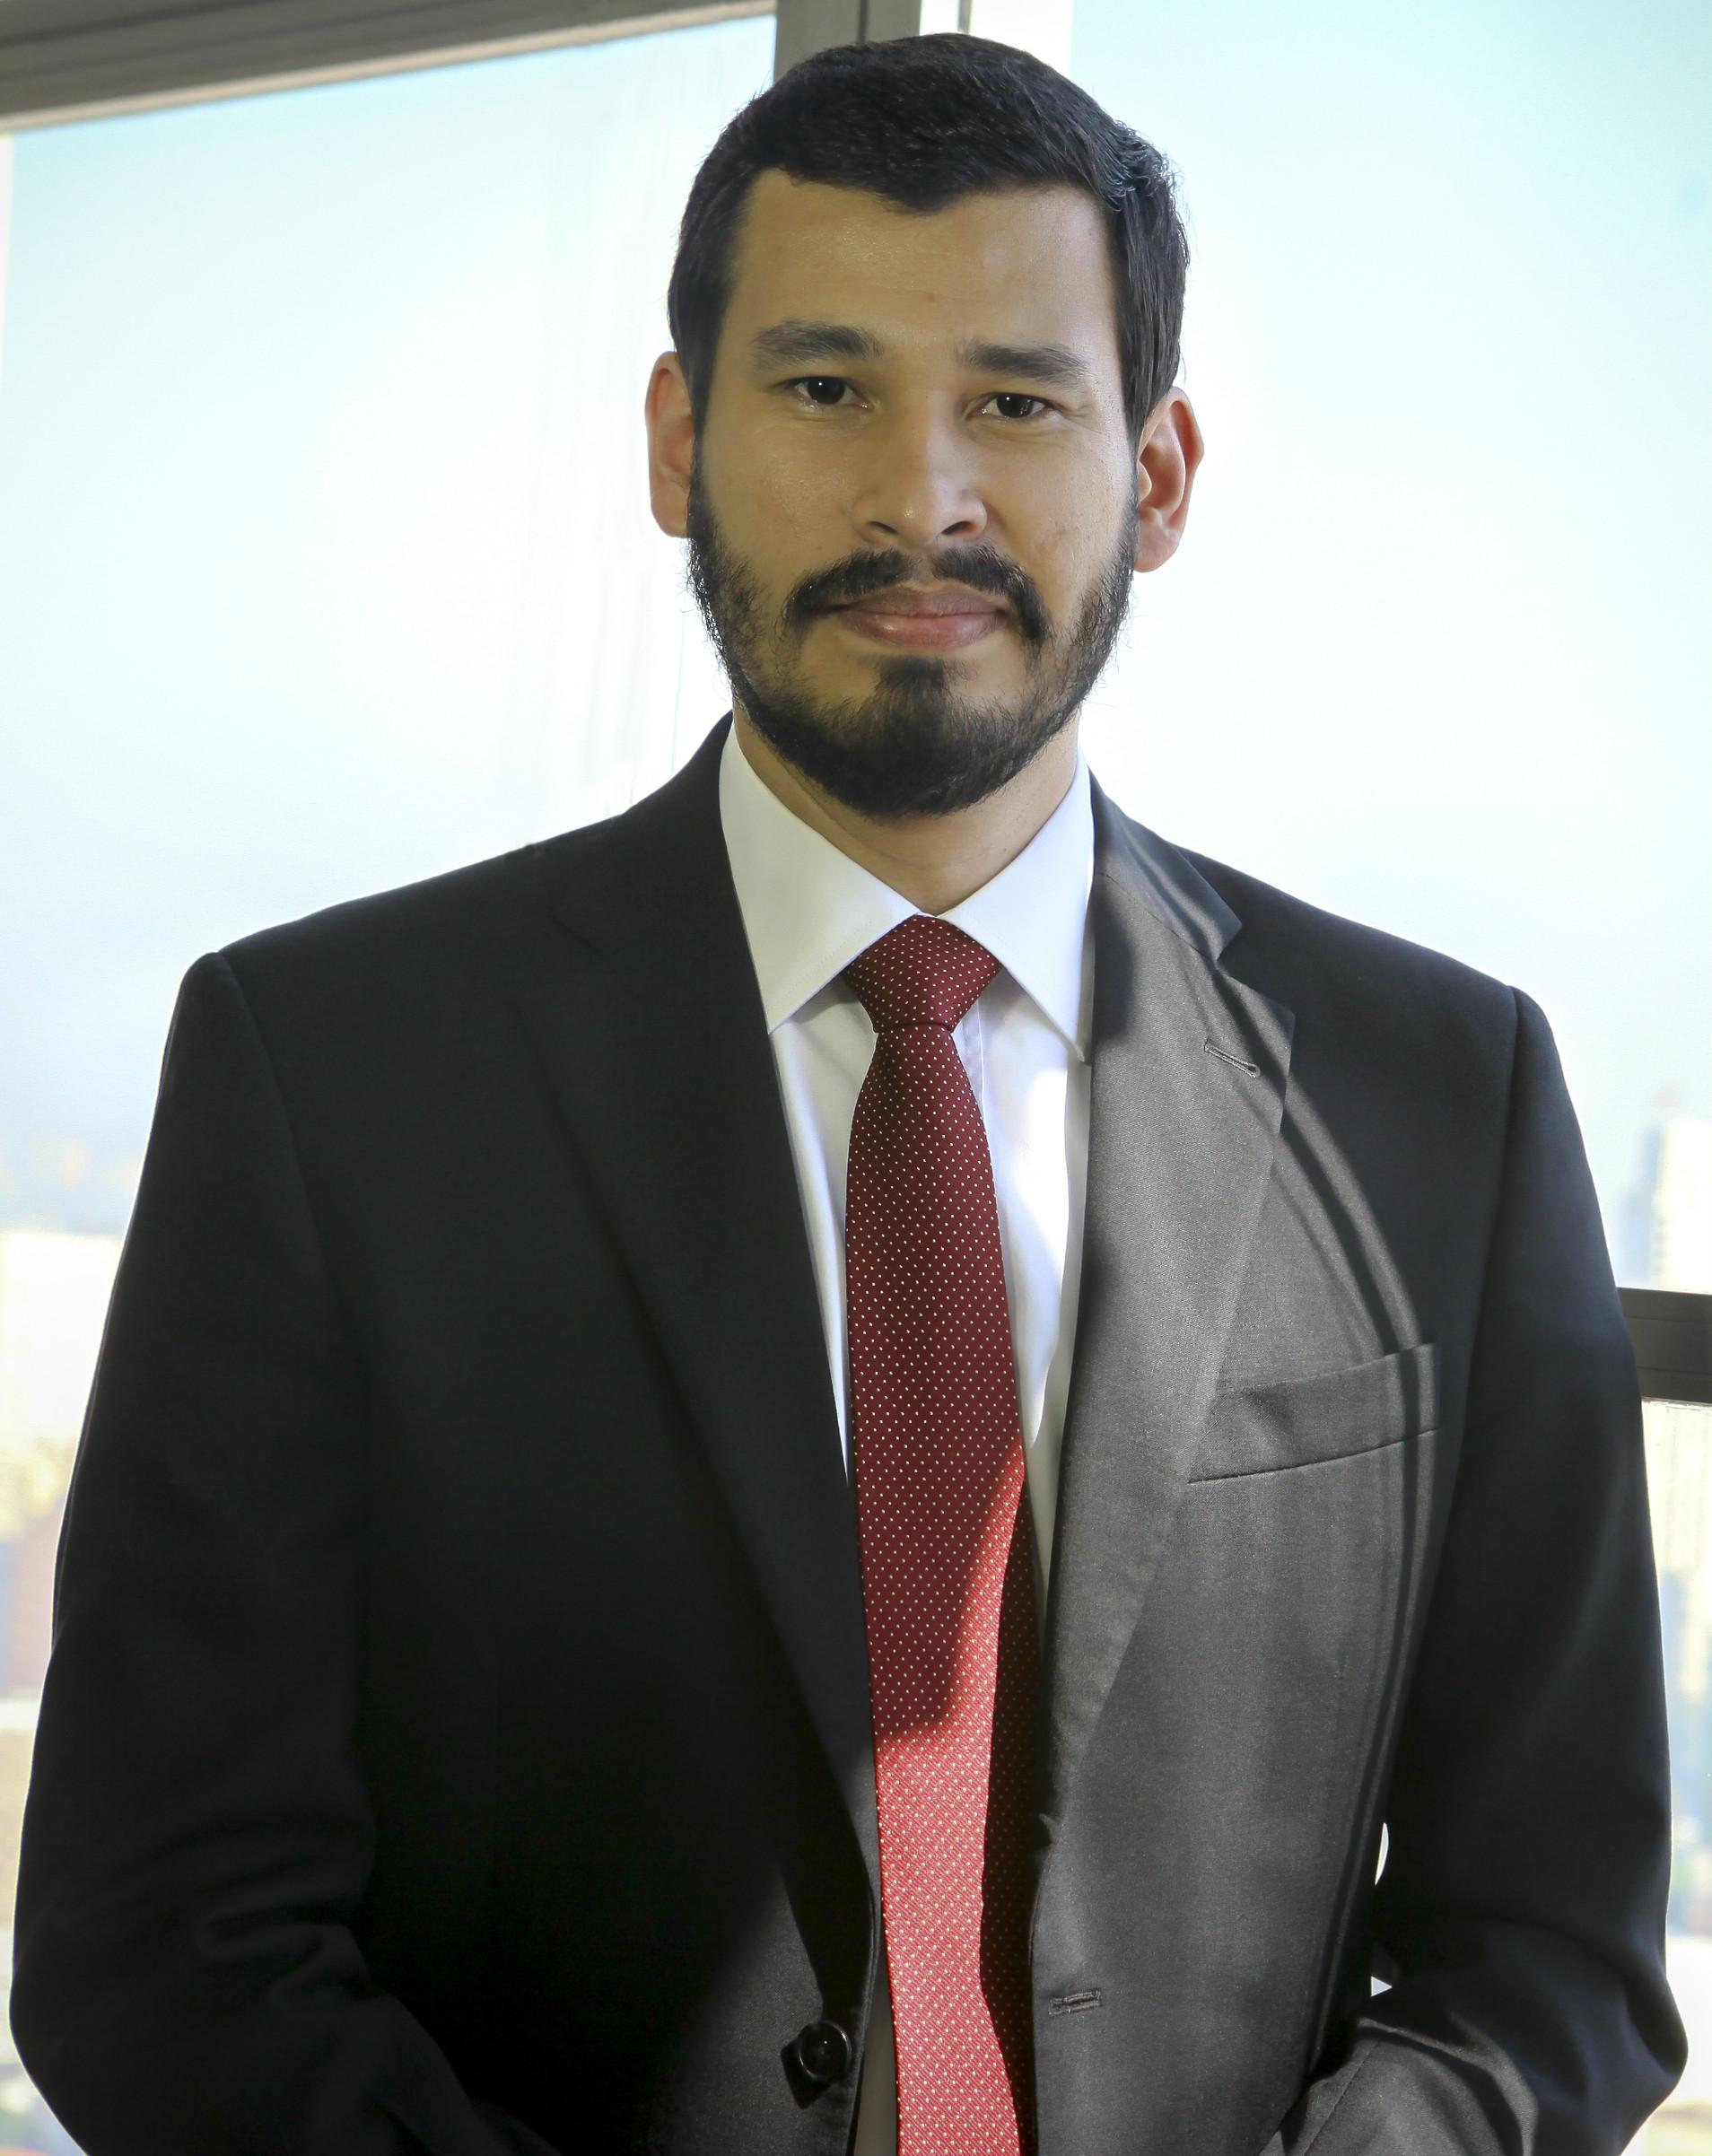 Foto: Bruno Luna (chefe da ASA/CVM)